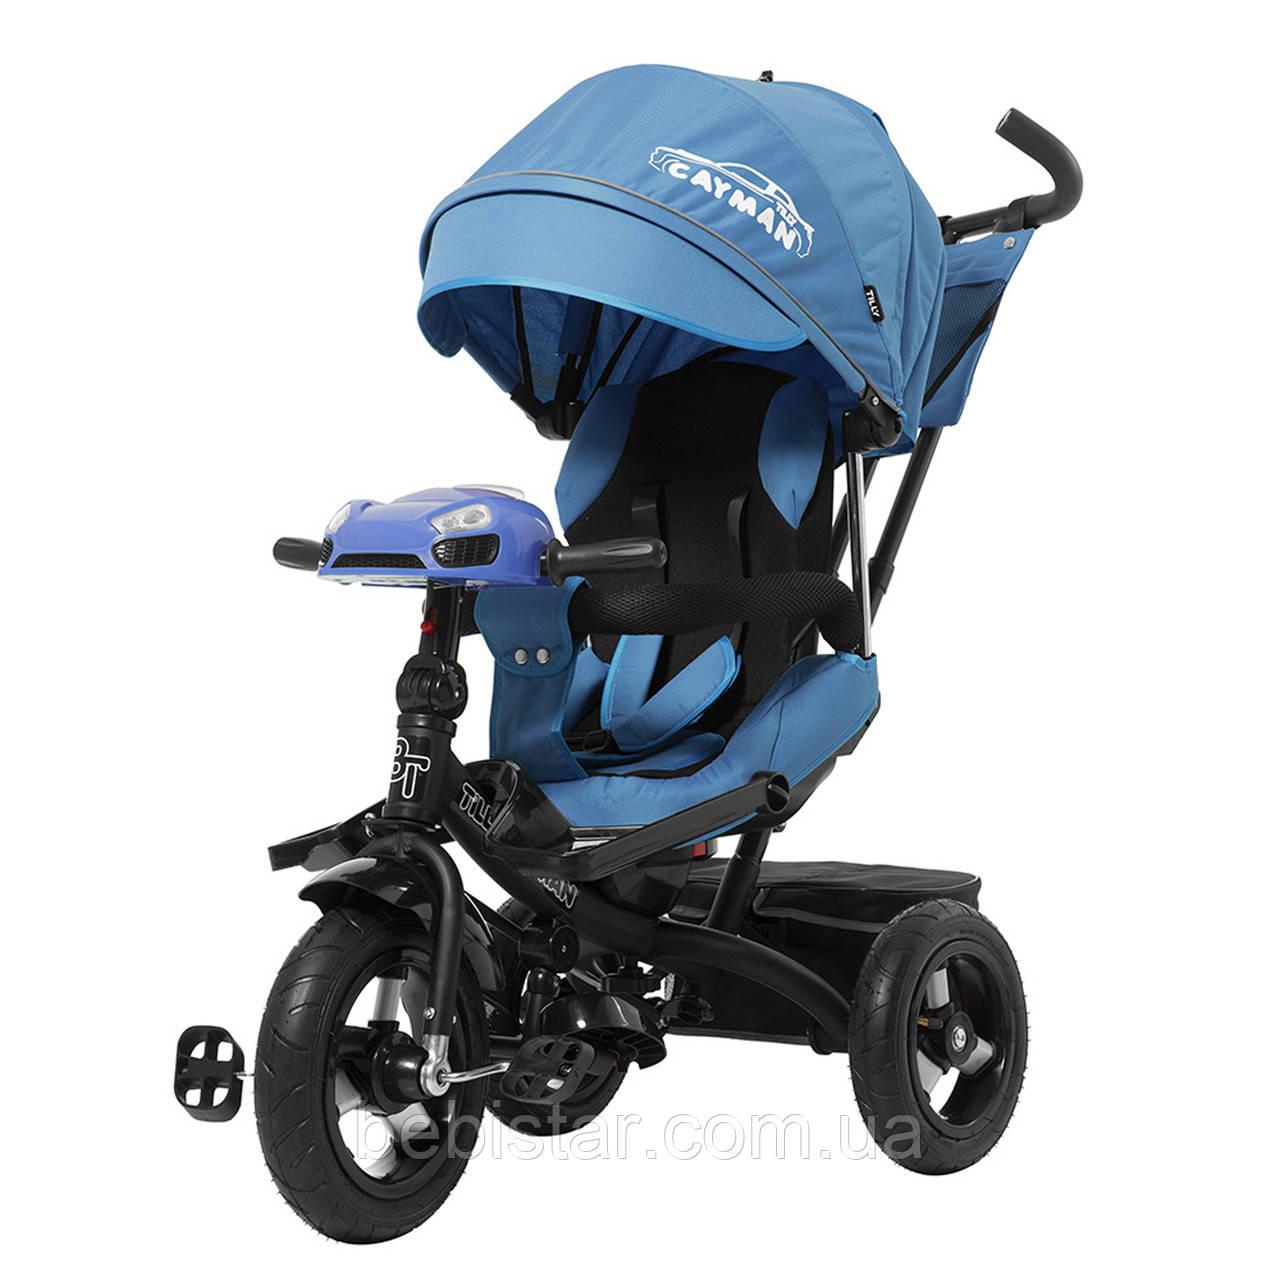 Трехколесный велосипед синий TILLY CAYMAN с усилен рамой пультом надувн колеса поворот сидение музыка свет